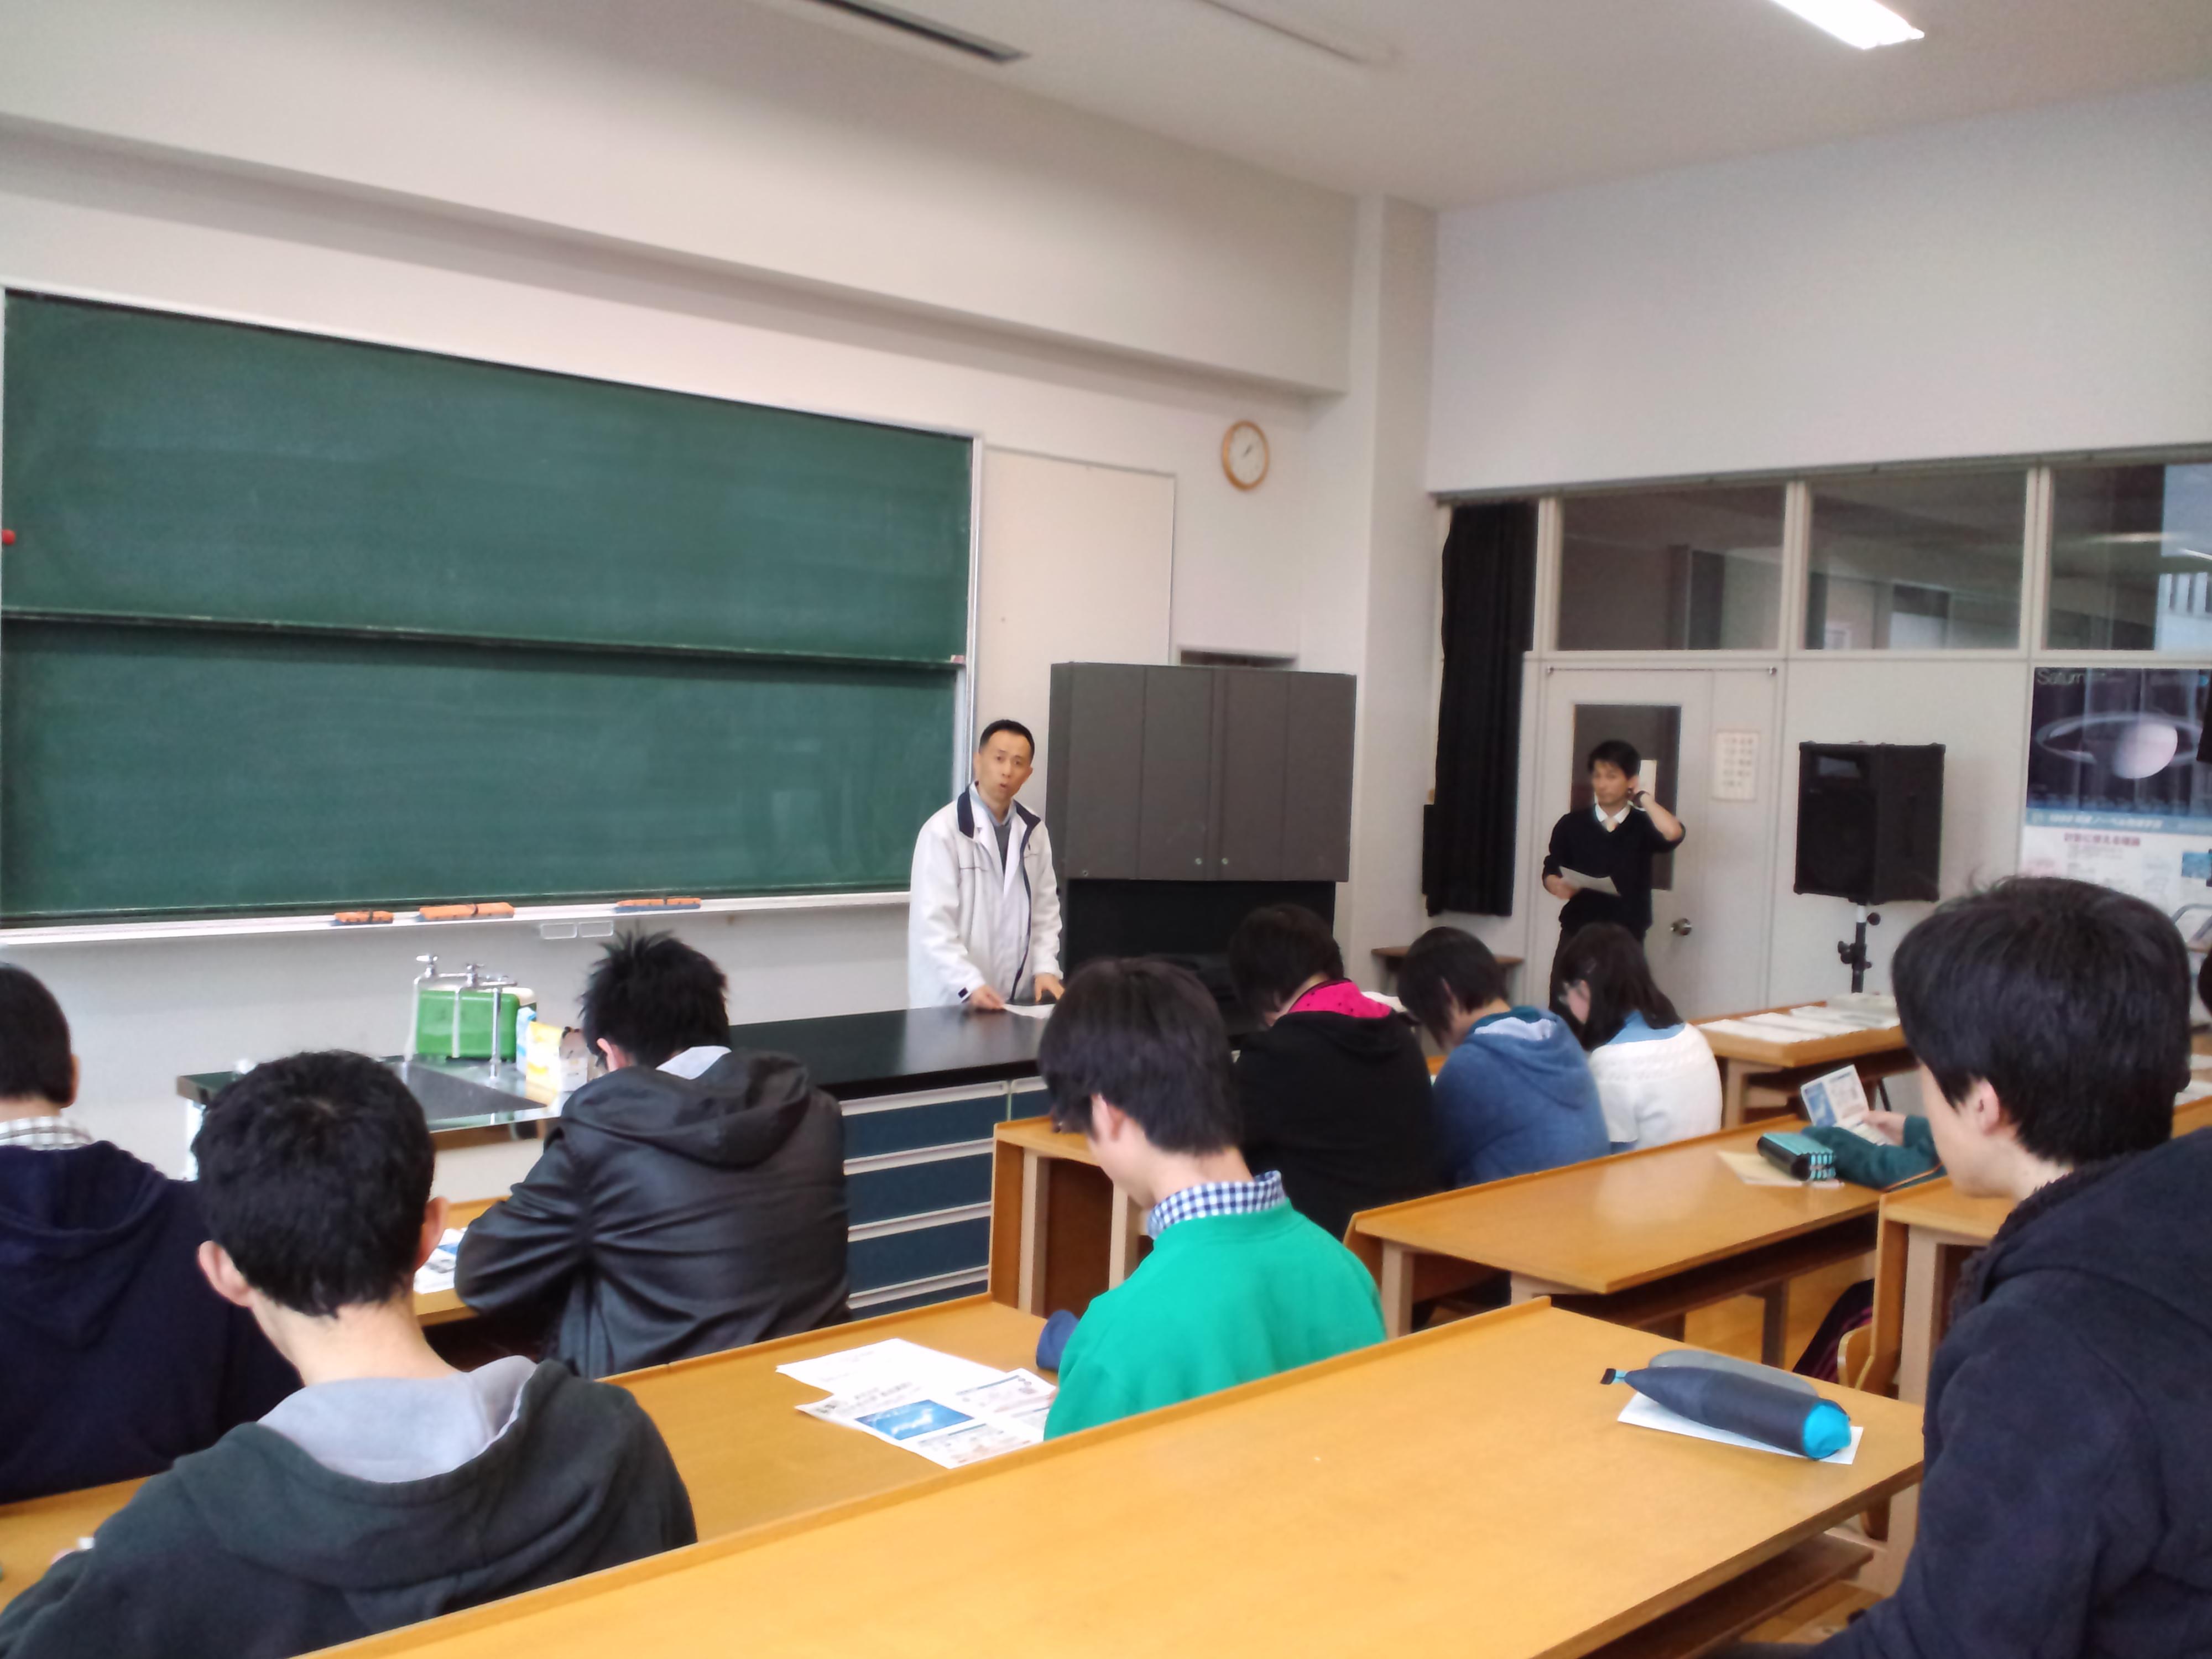 http://www.ige.tohoku.ac.jp/mirai/news/upload_items/201004/CA3F0011.JPG